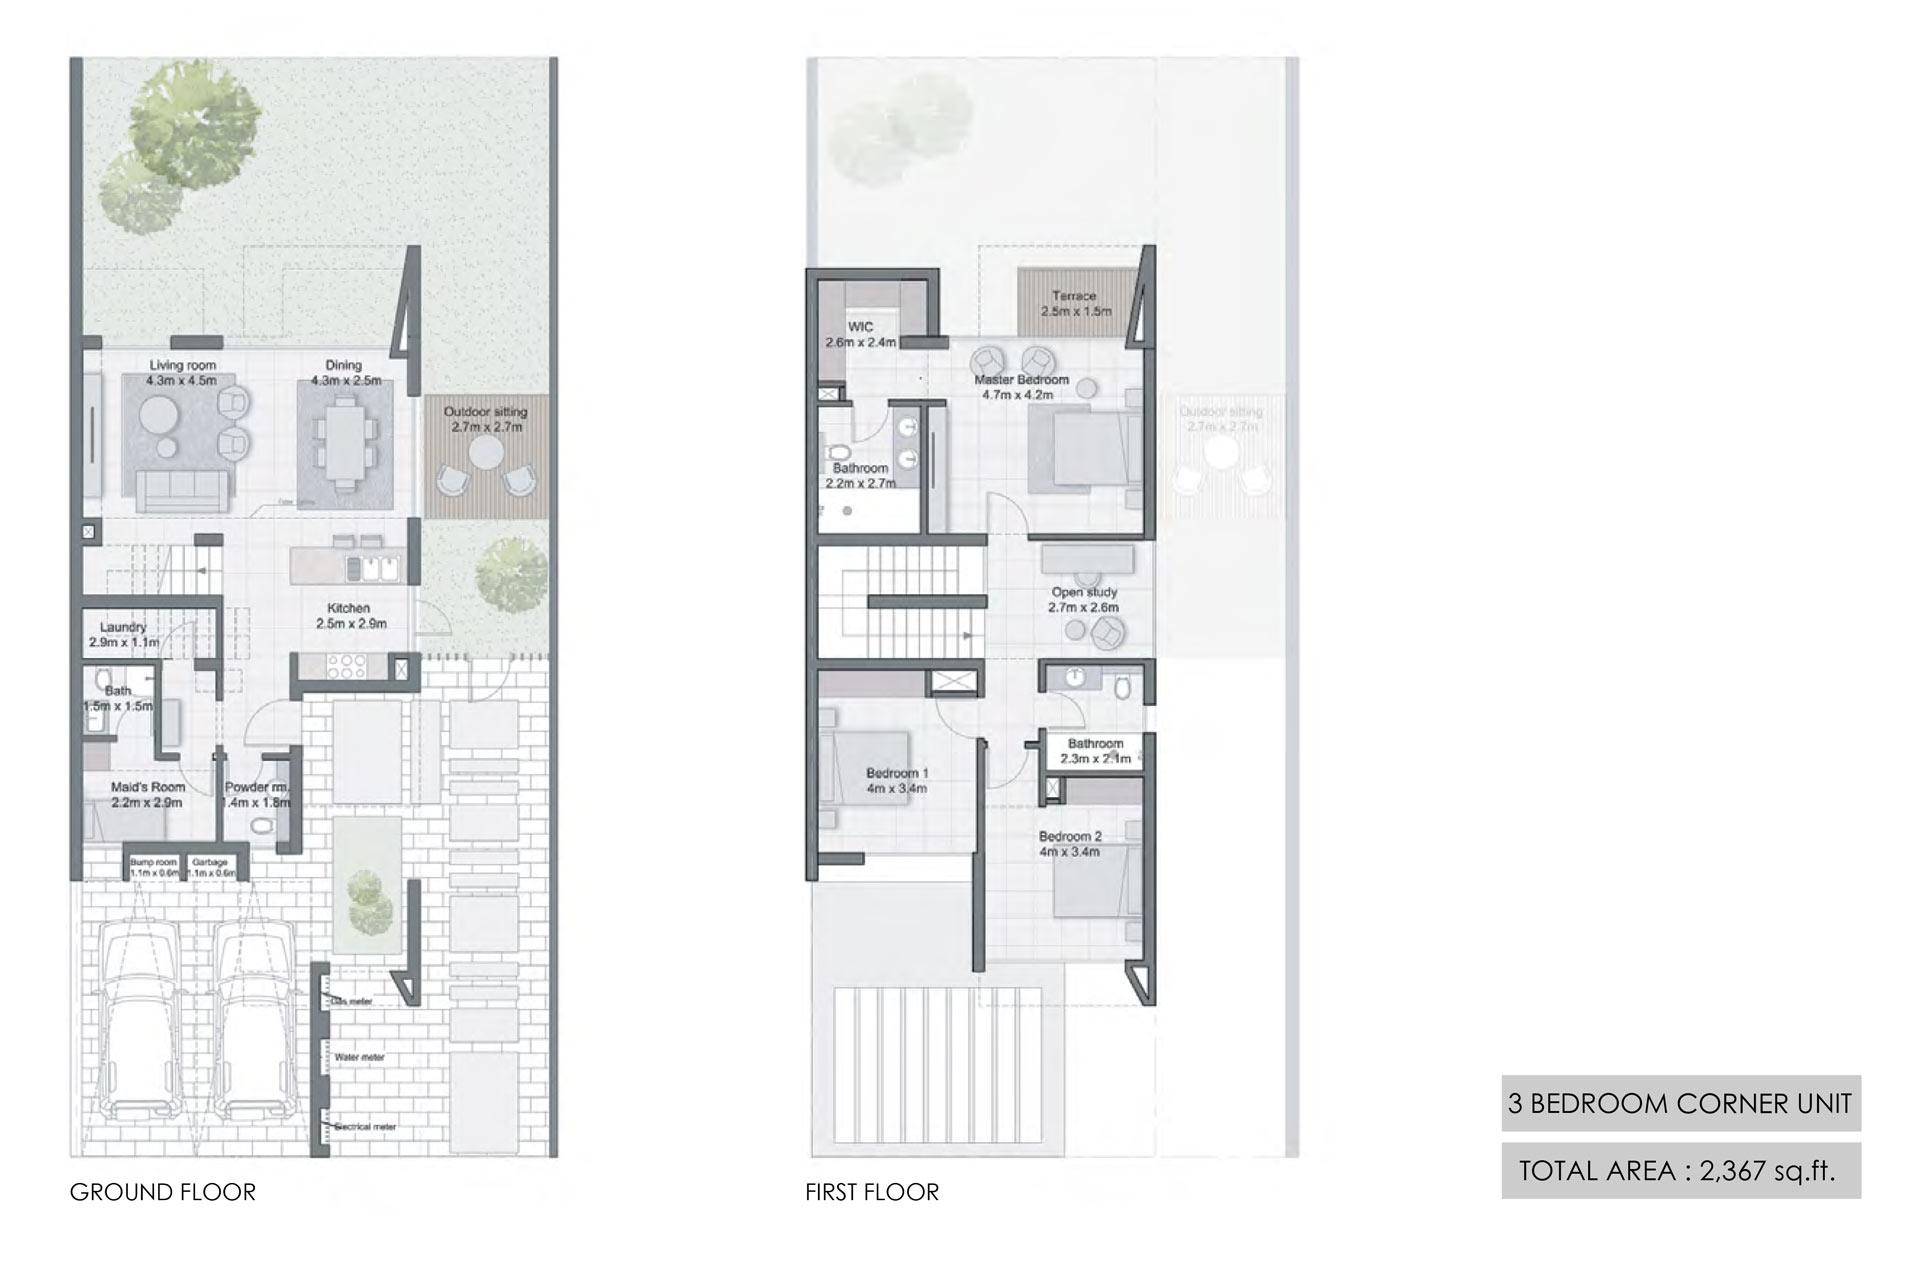 ثلاث غرف نوم، وحدة الزاوية، حجم 2367 قدم مربع